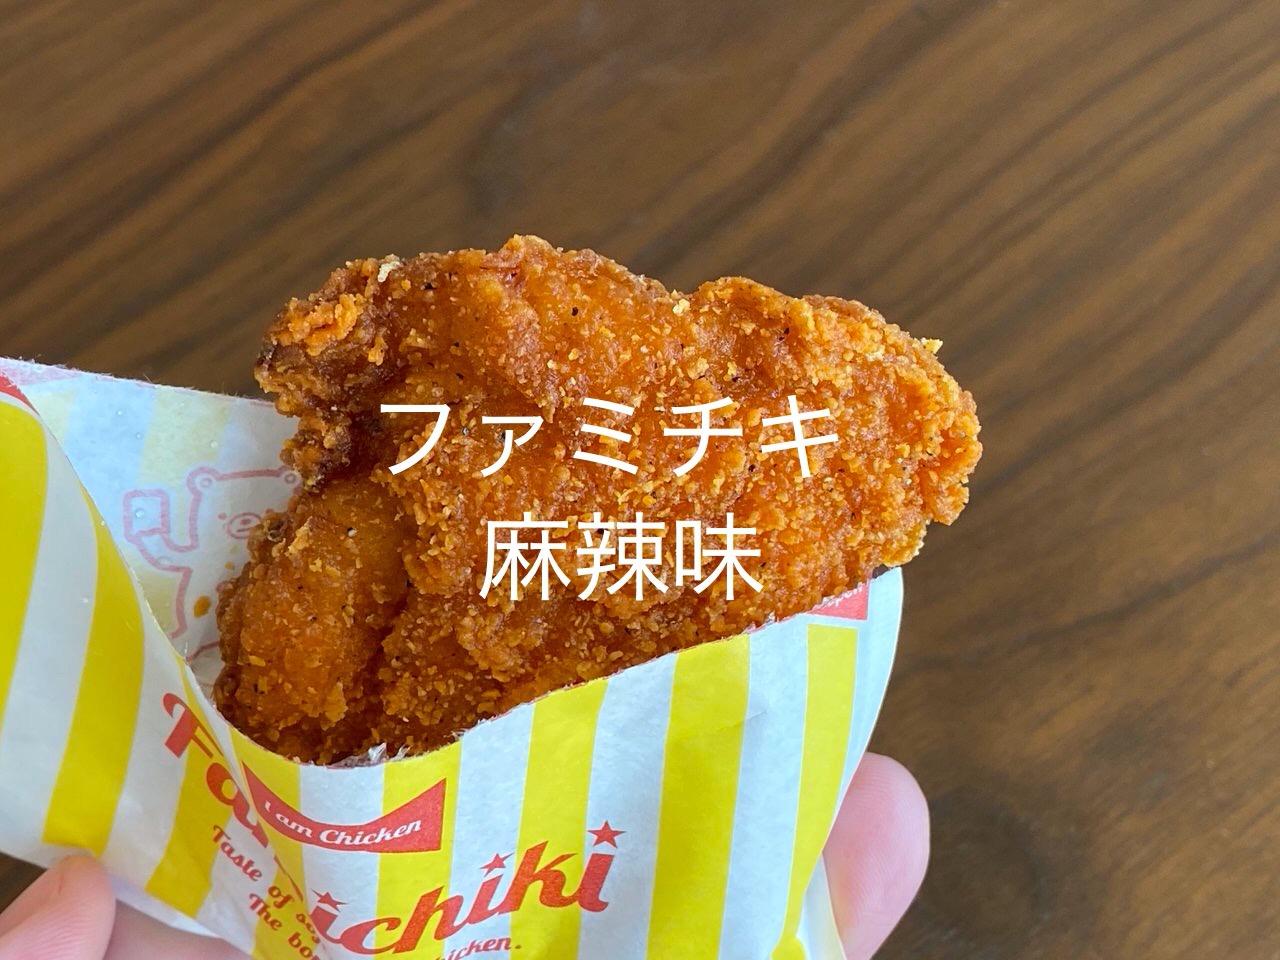 「ファミチキ(麻辣味)」しっかり辛くて美味しいファミチキ発見!